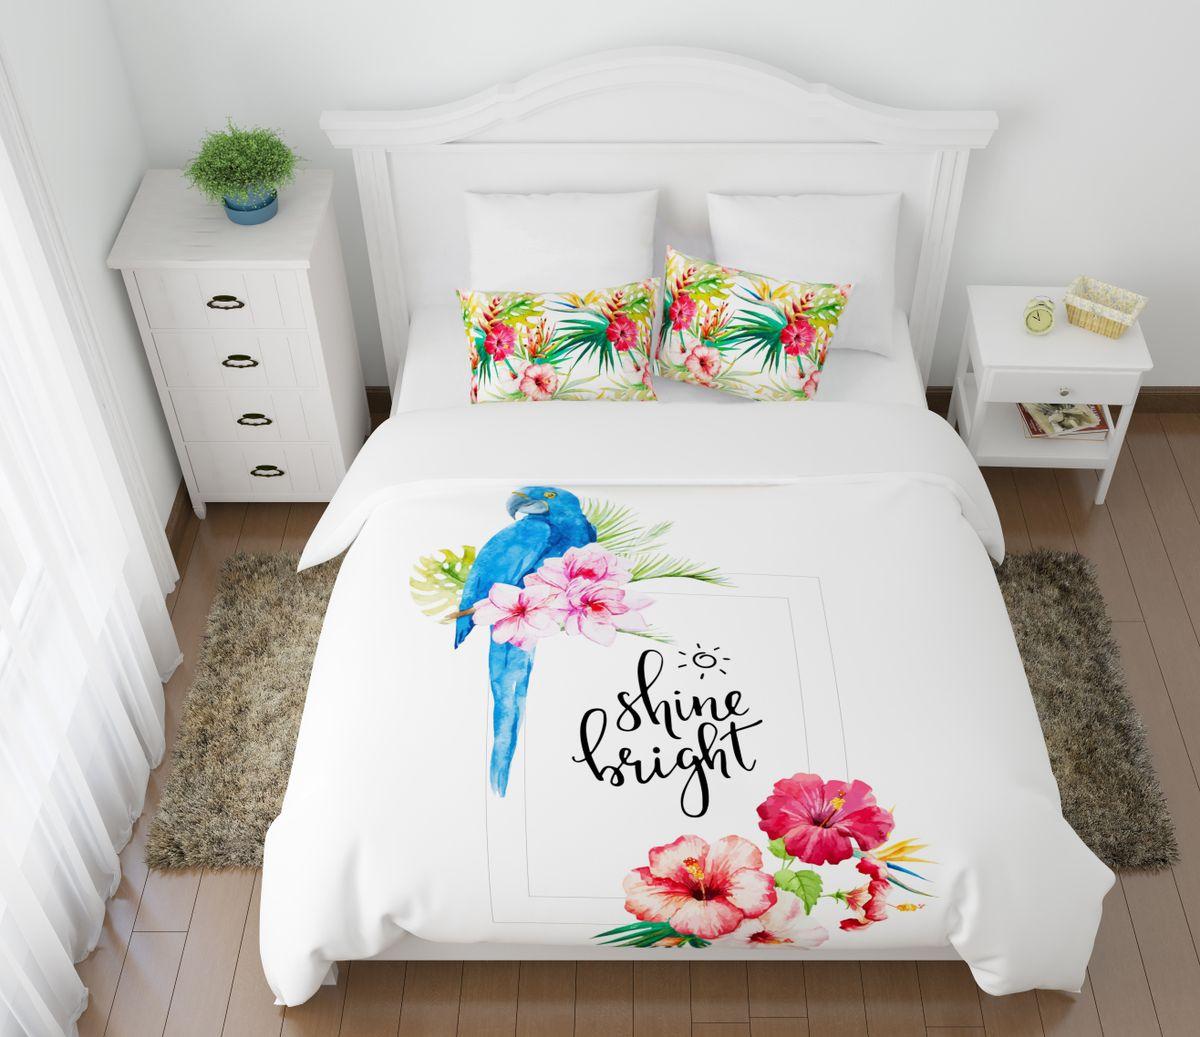 Комплект белья Сирень Голубой попугай, семейный, наволочки 50х70, 70х70S03301004Комплект постельного белья Сирень выполнен из прочной и мягкой ткани. Четкий и стильный рисунок в сочетании с насыщенными красками делают комплект постельного белья неповторимой изюминкой любого интерьера. Постельное белье идеально подойдет для подарка. Идеальное соотношение смешенной ткани и гипоаллергенных красок это гарантия здорового, спокойного сна. Ткань хорошо впитывает влагу, надолго сохраняет яркость красок. Цвет простыни, пододеяльника, наволочки в комплектации может немного отличаться от представленного на фото. В комплект входят: простыня - 220 х 240 см; пододельяник 145 х 210 см 2 шт; наволочка 50 х 70 см 2 шт, 70 х 70 см 2 шт.Постельное белье легко стирать при 30-40 градусах, гладить при 150 градусах, не отбеливать. Рекомендуется перед первым изпользованием постирать.